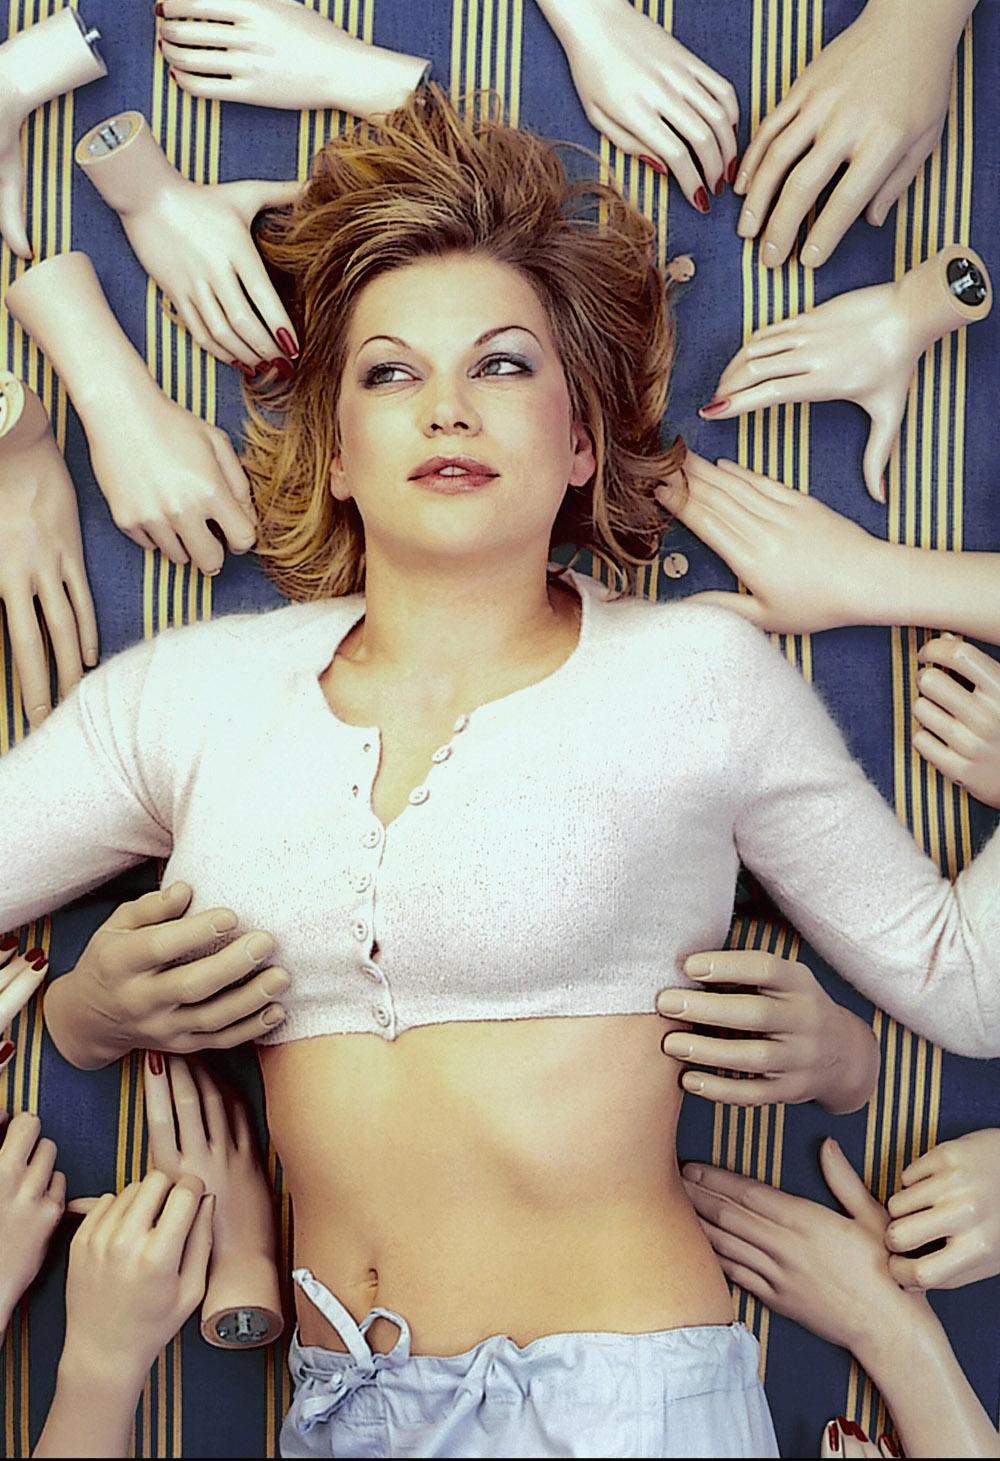 Анна Лоос голая. Фото - 2